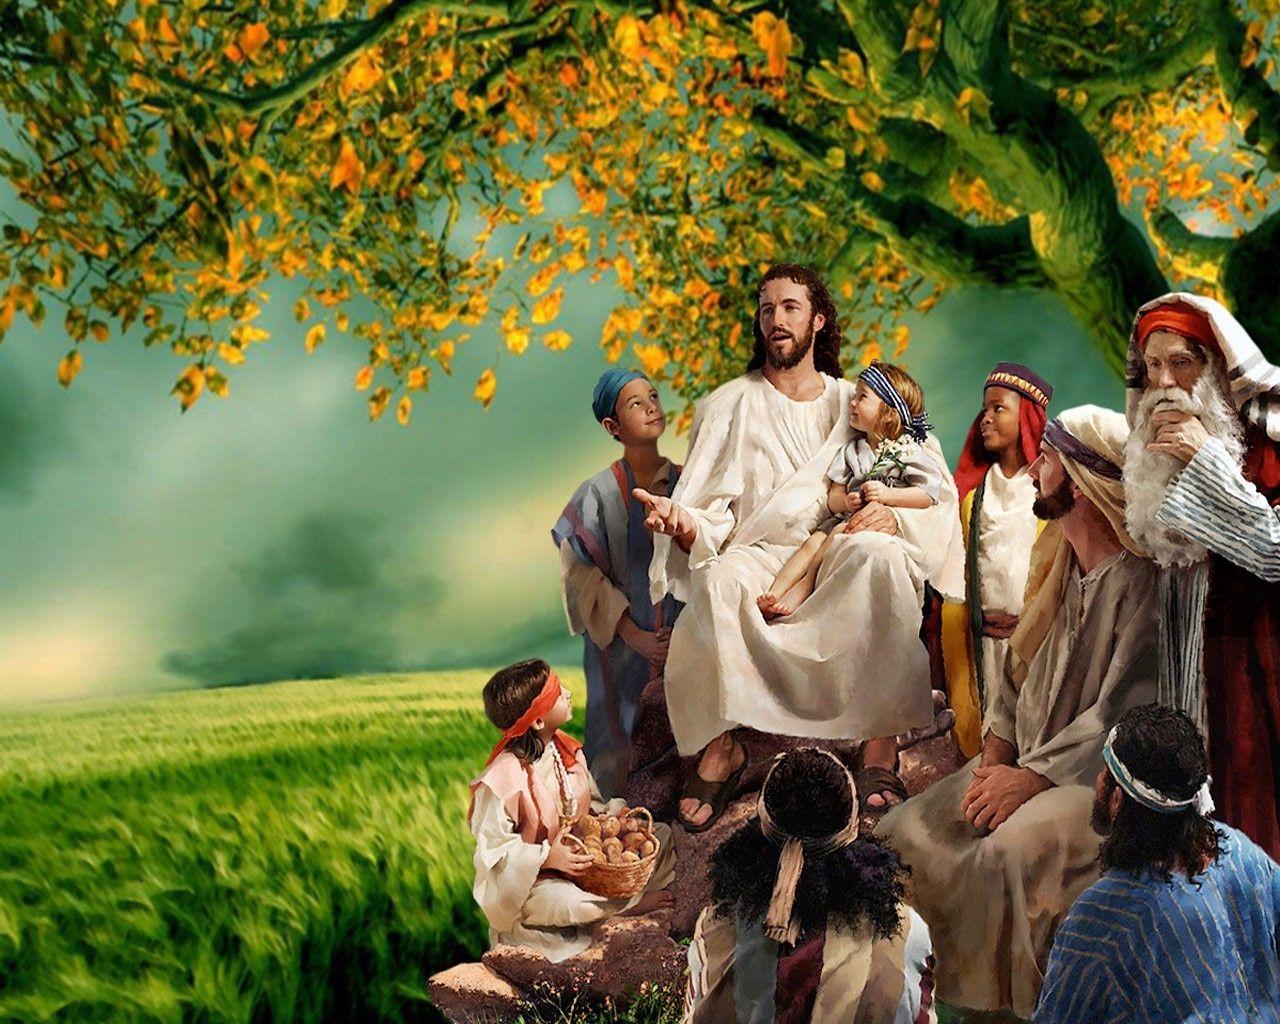 Jesus Computer Wallpapers Desktop Backgrounds 1920x1080 Id 296717 Jesus Christ Artwork Jesus Wallpaper Jesus Pictures